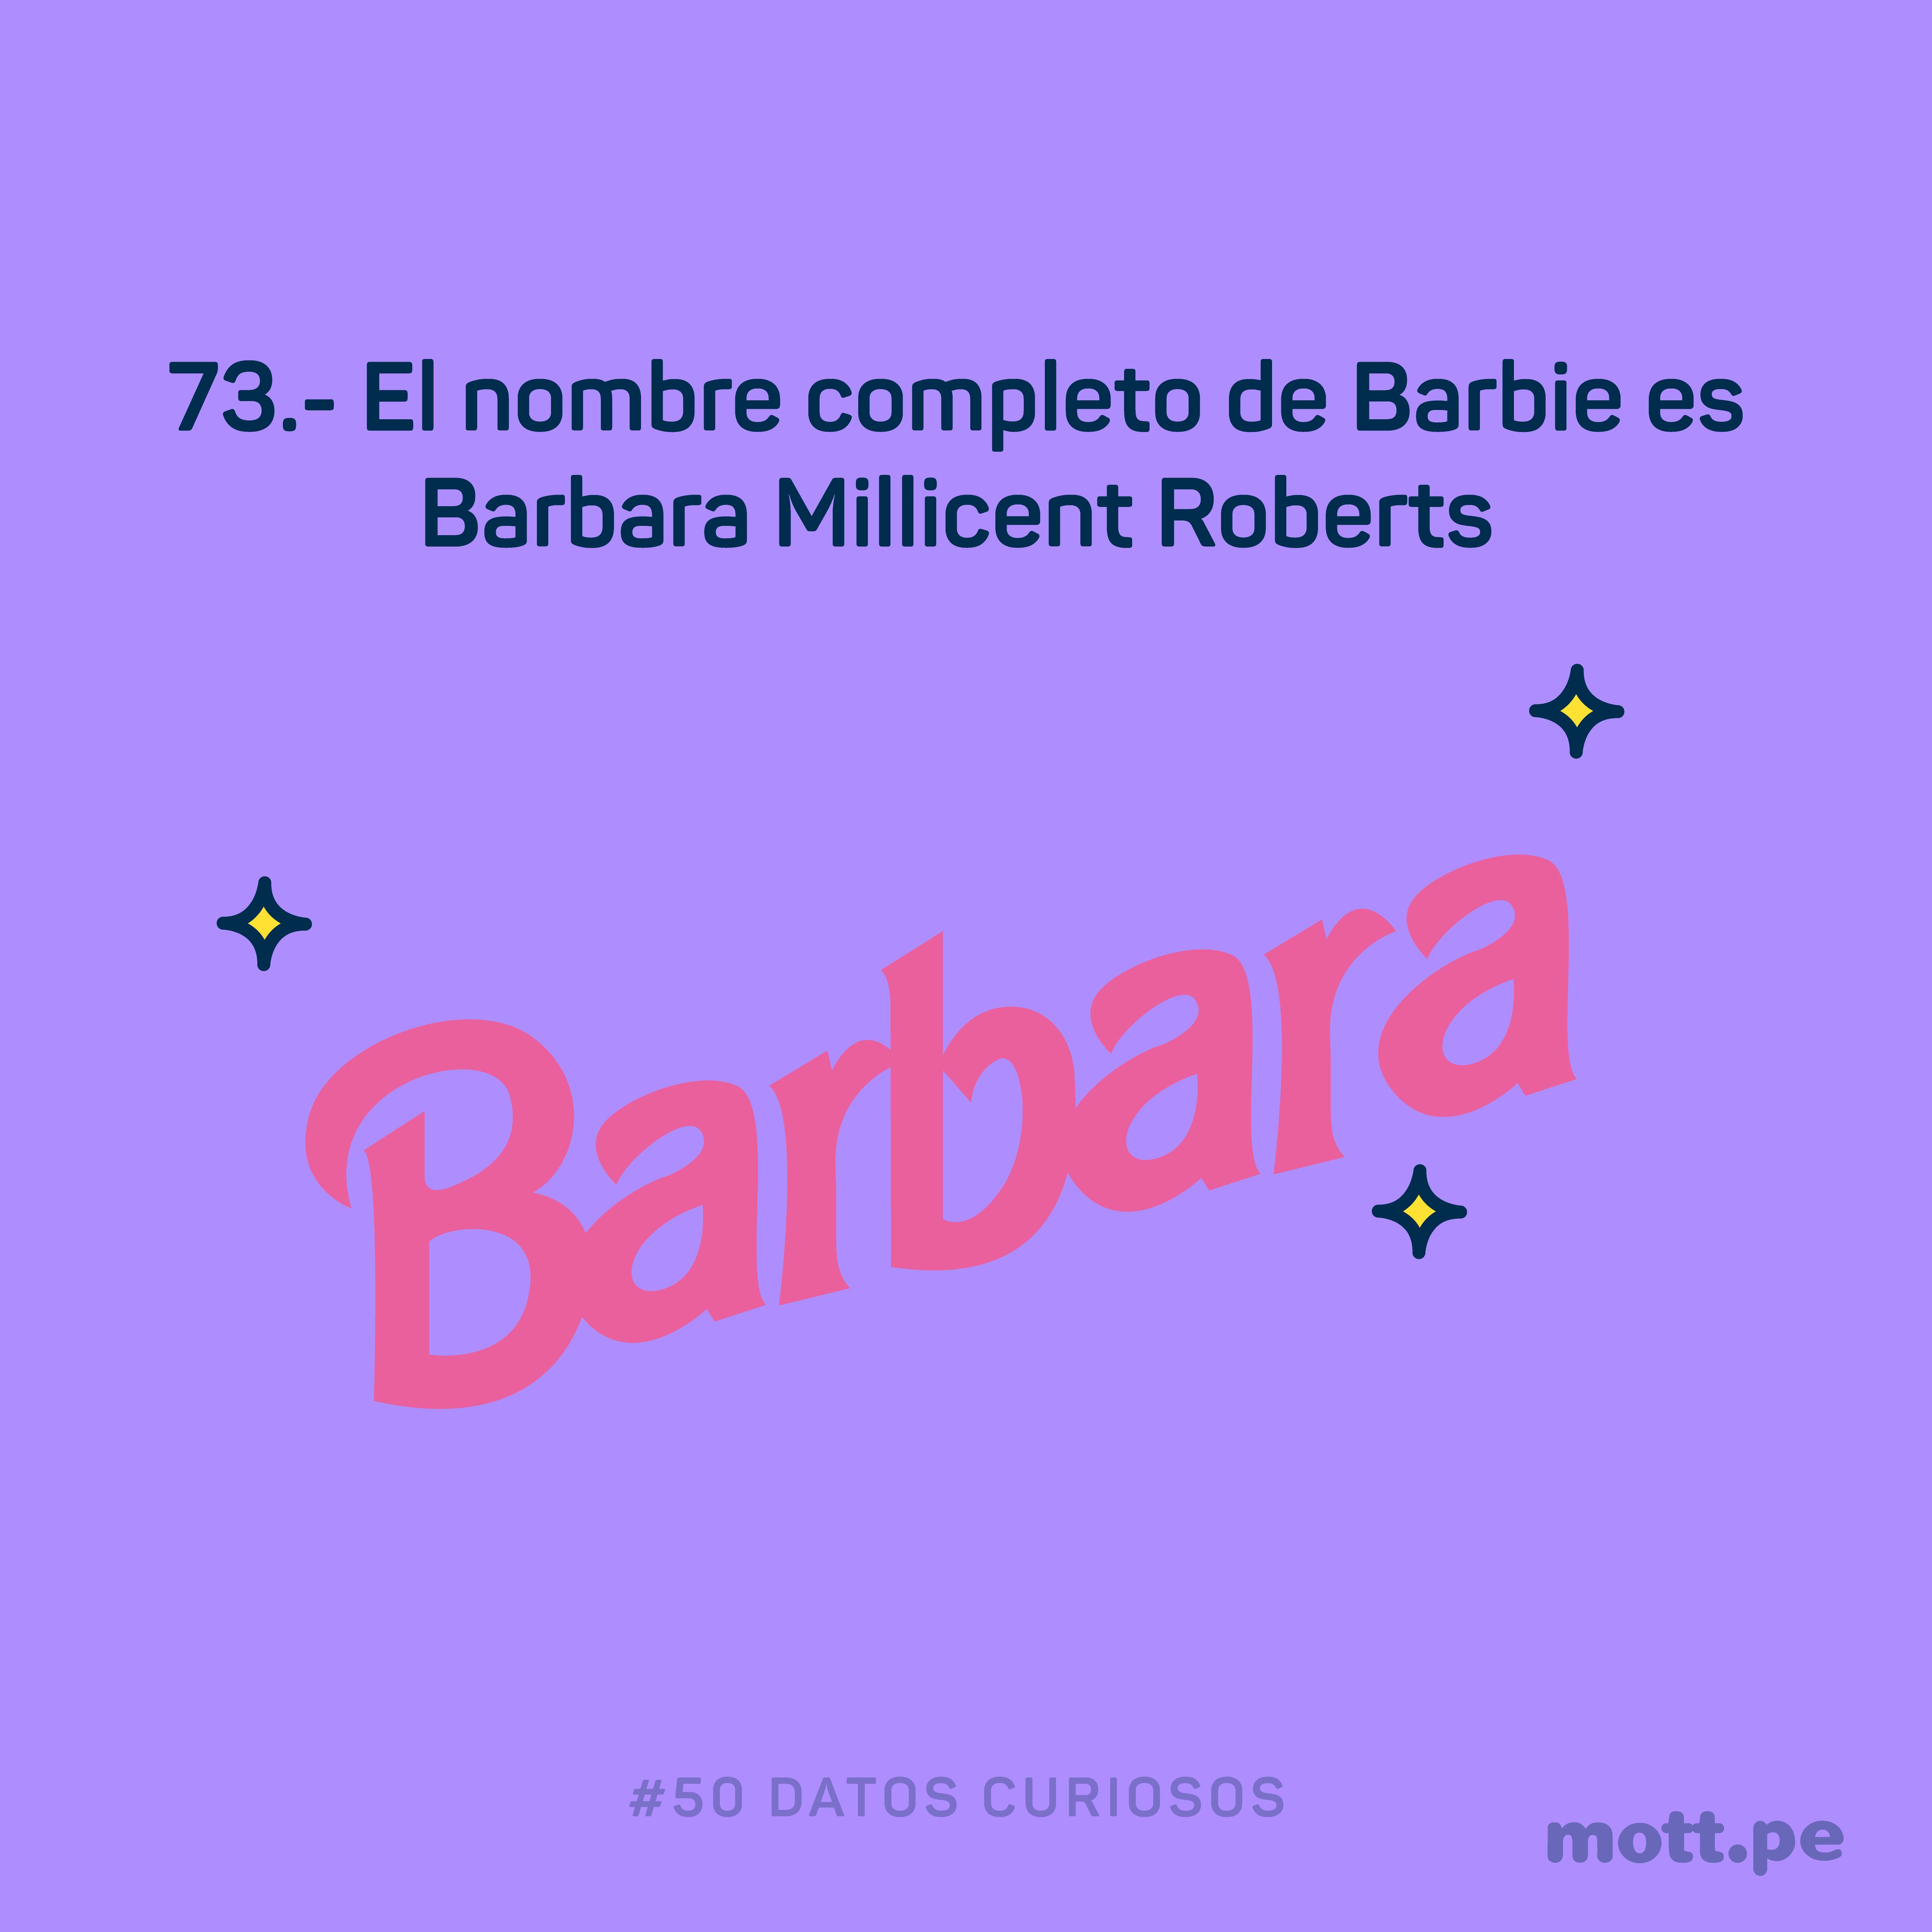 Barbara Millicent Roberts mas conocida como barbie